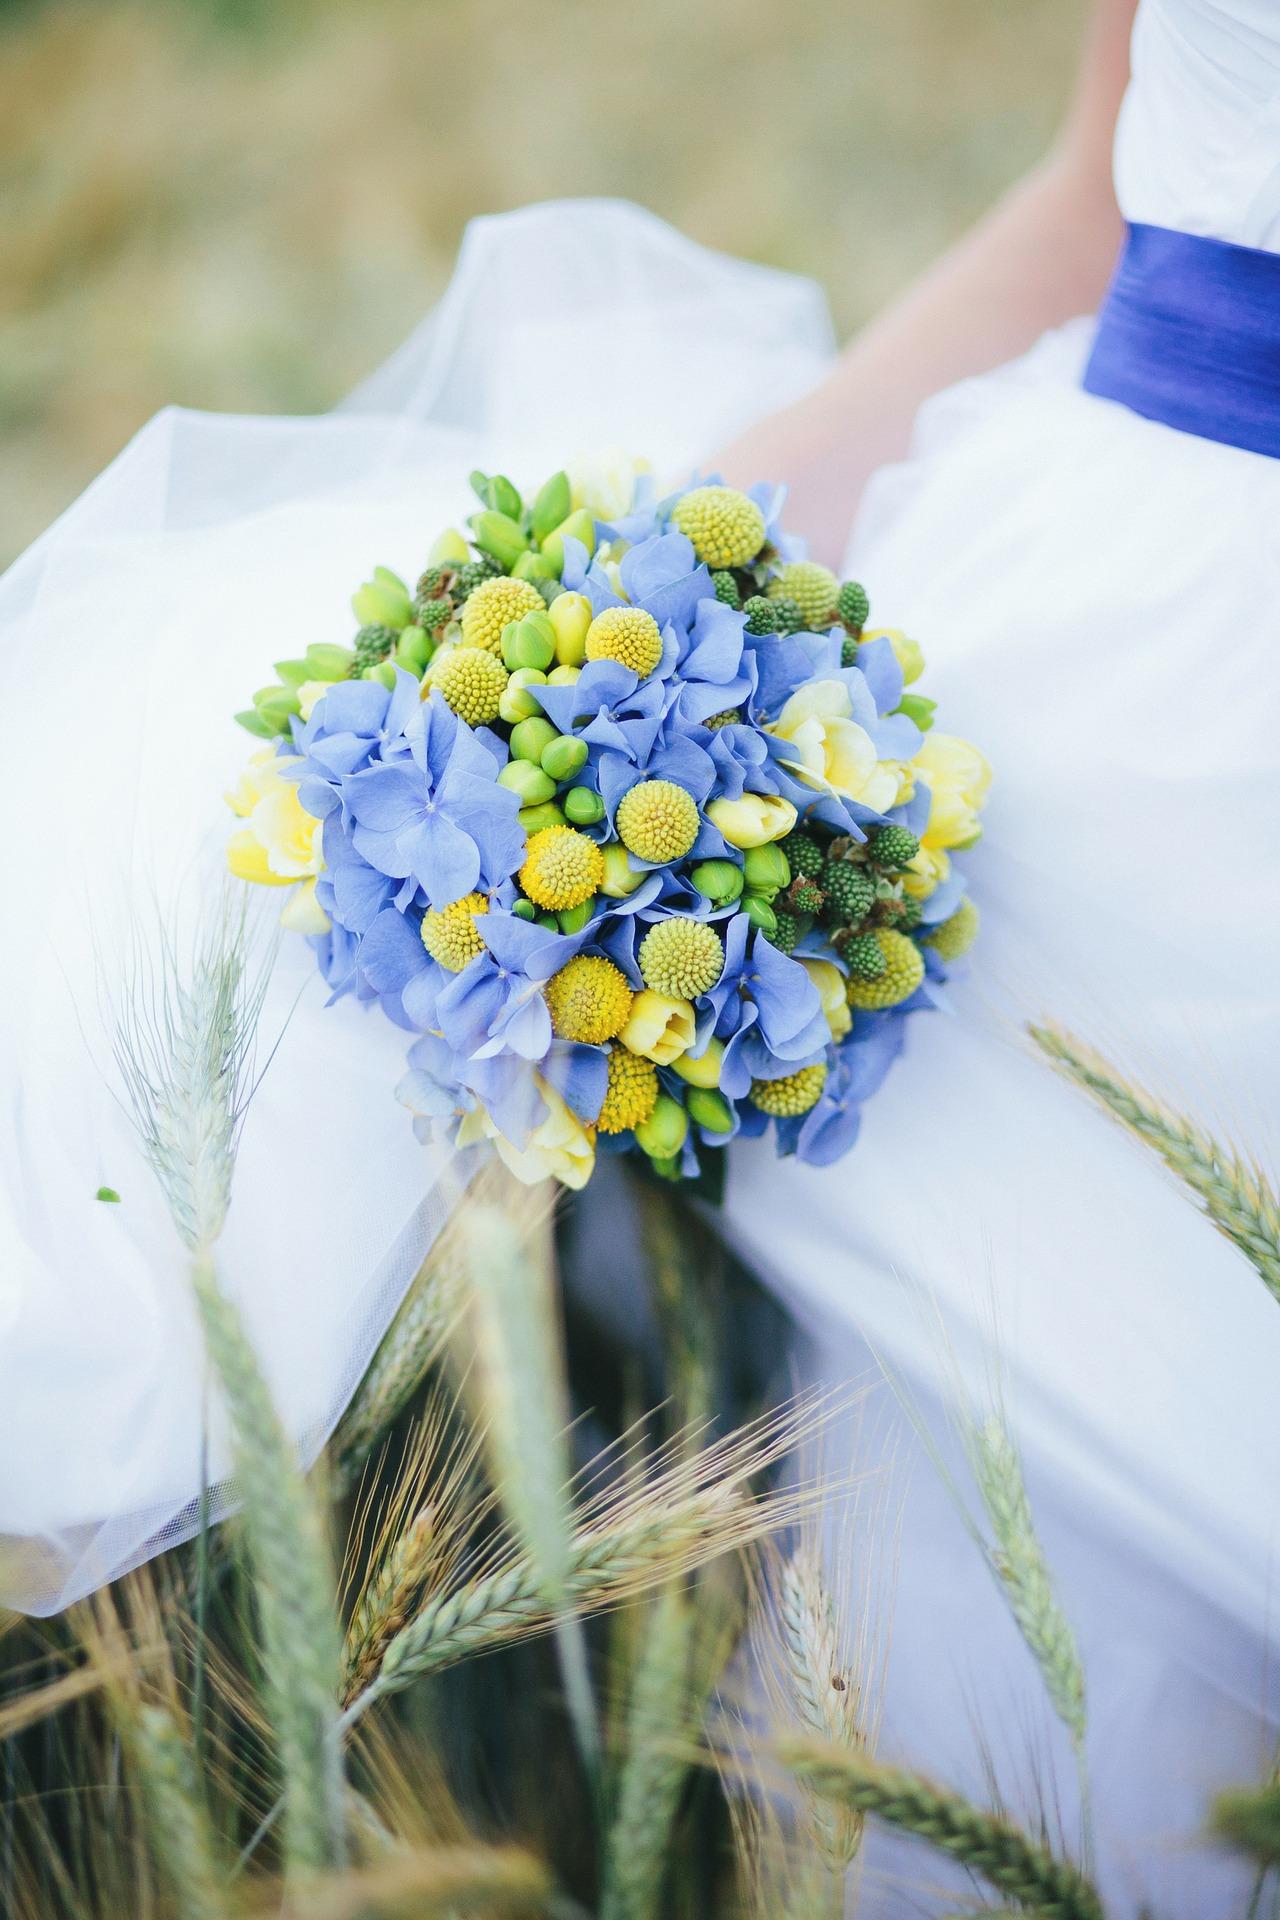 Tradiciones en las bodas. Algo nuevo, algo prestado, algo viejo, algo azul.